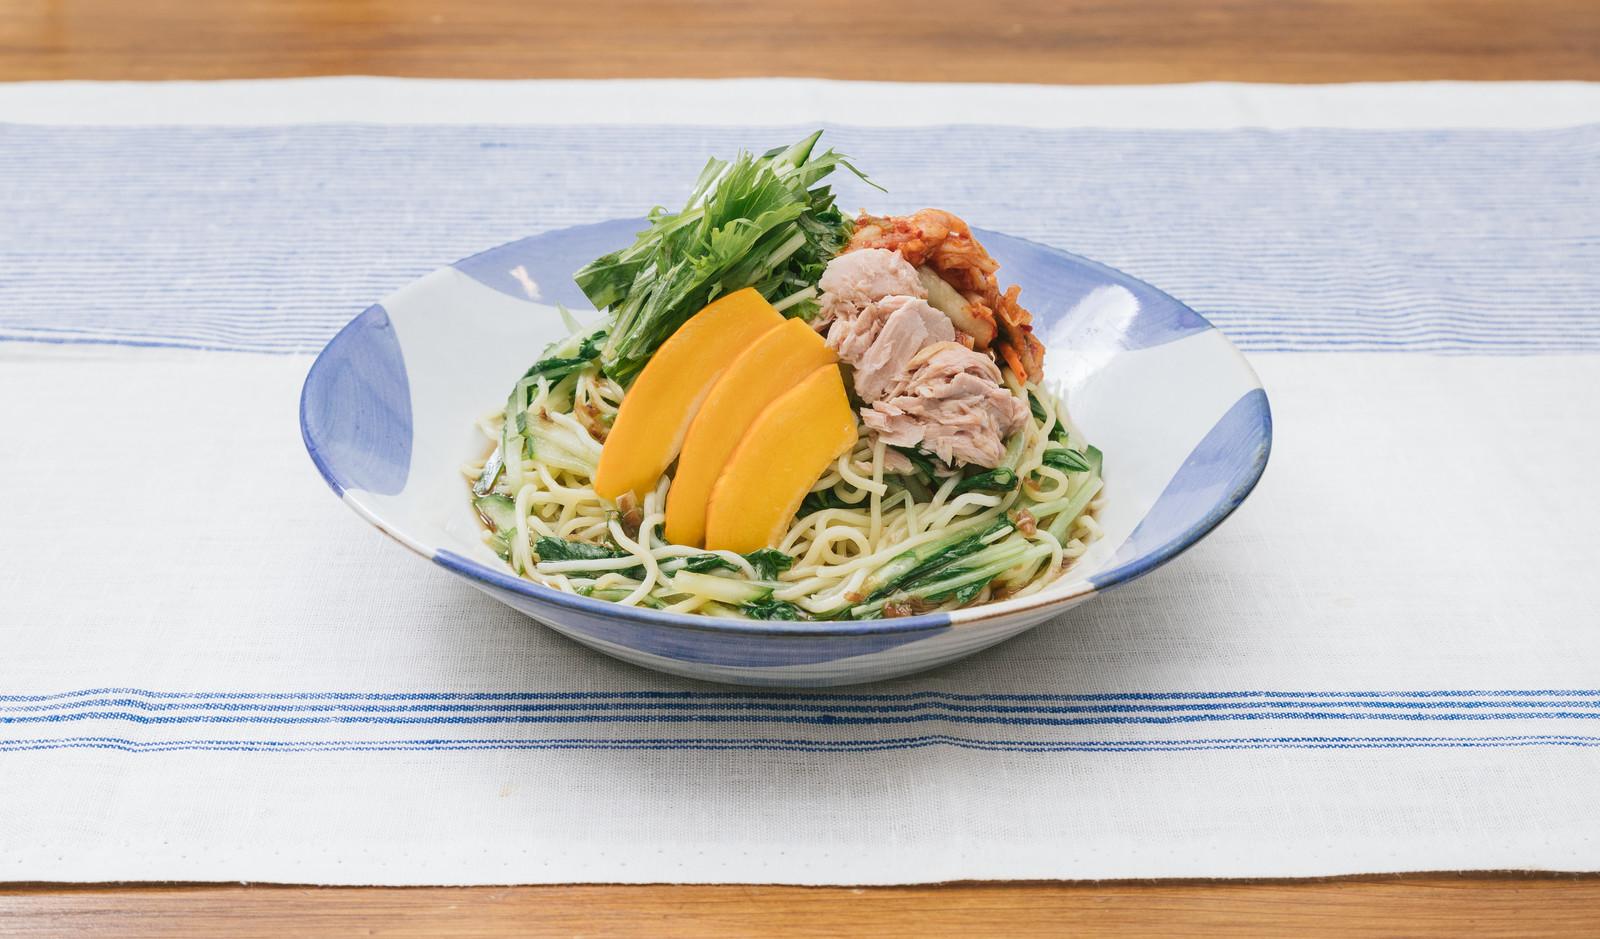 麺屋たかは栃木の人気ラーメン店!やみつきになる味のメニューを紹介